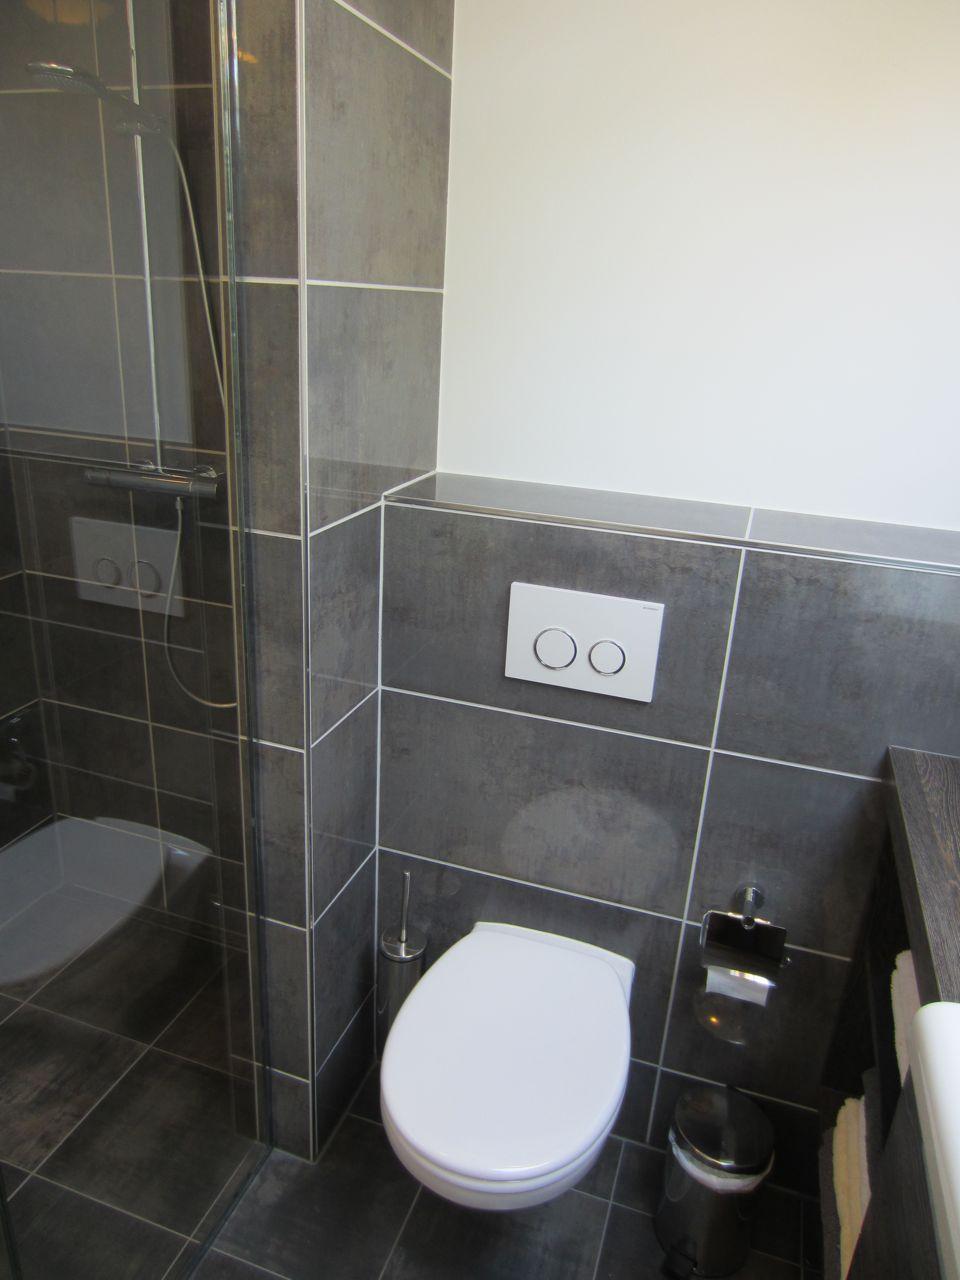 20170409&175541_Kosten Mooie Badkamer ~ muiden nostalgie in de badkamer badkamer op een woonark voorzien van